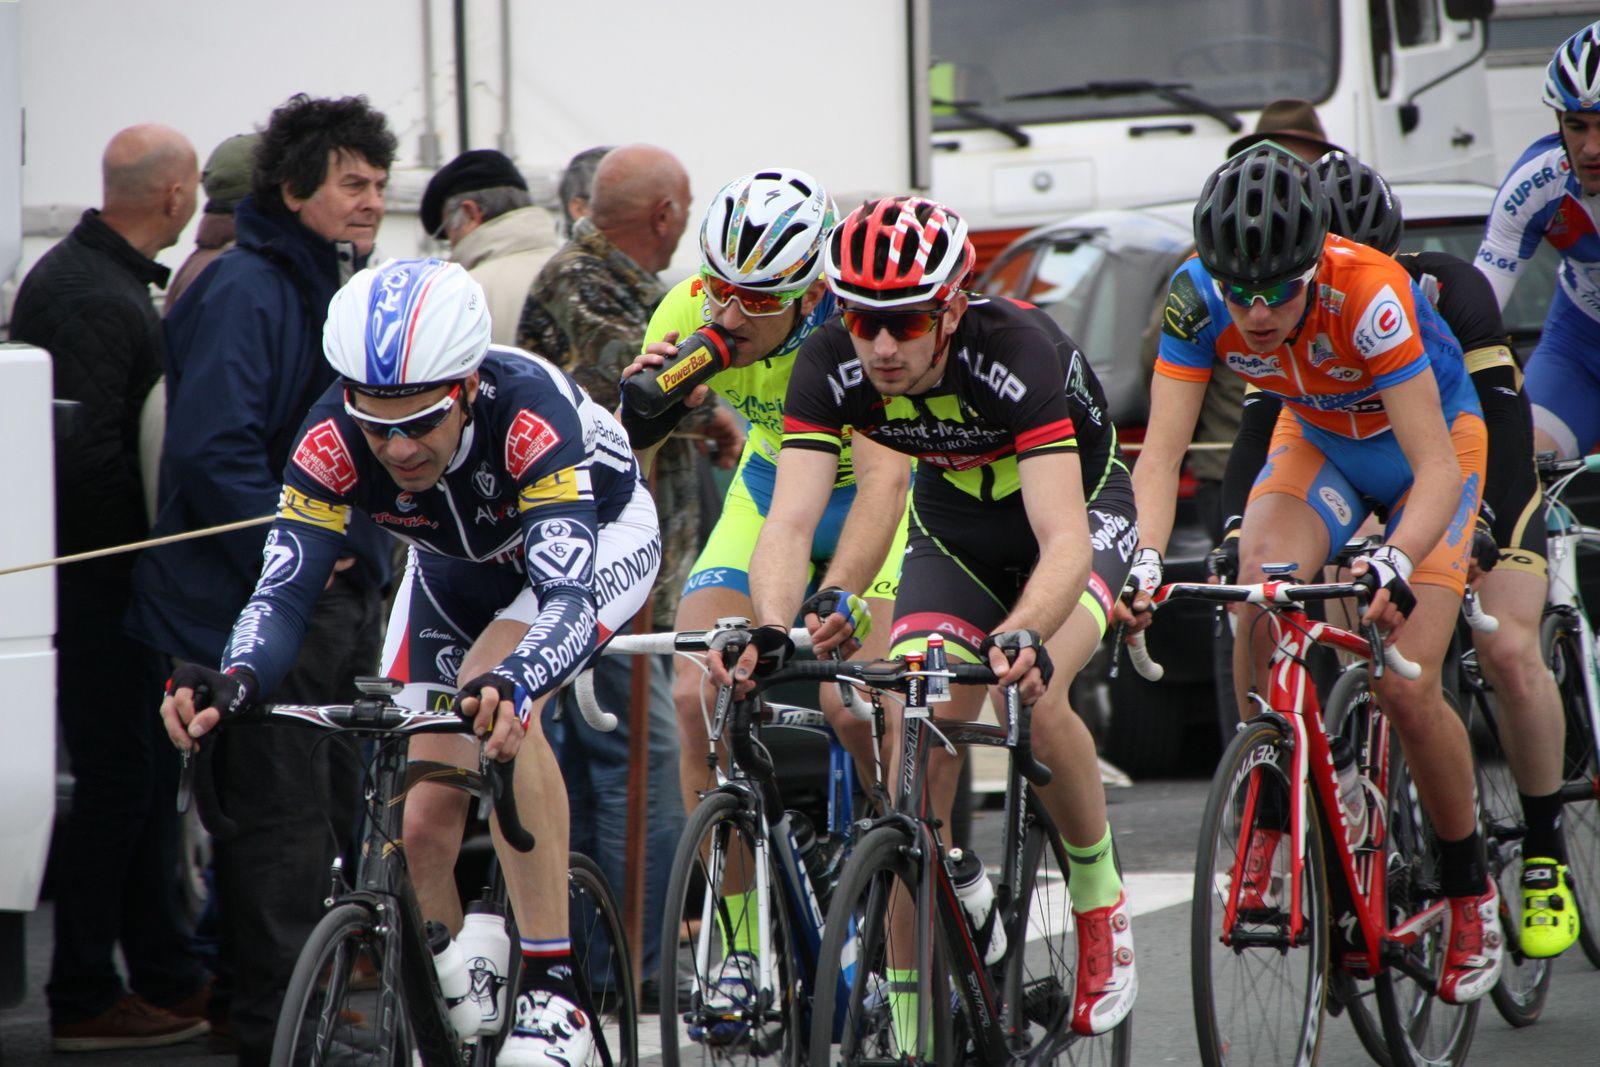 Sébastien  SUBRA, un  ancien  vainqueur  de  l'épreuve, emméne  le  2e  groupe  qui  vient  de  reprendre  le  coureur  intercalé